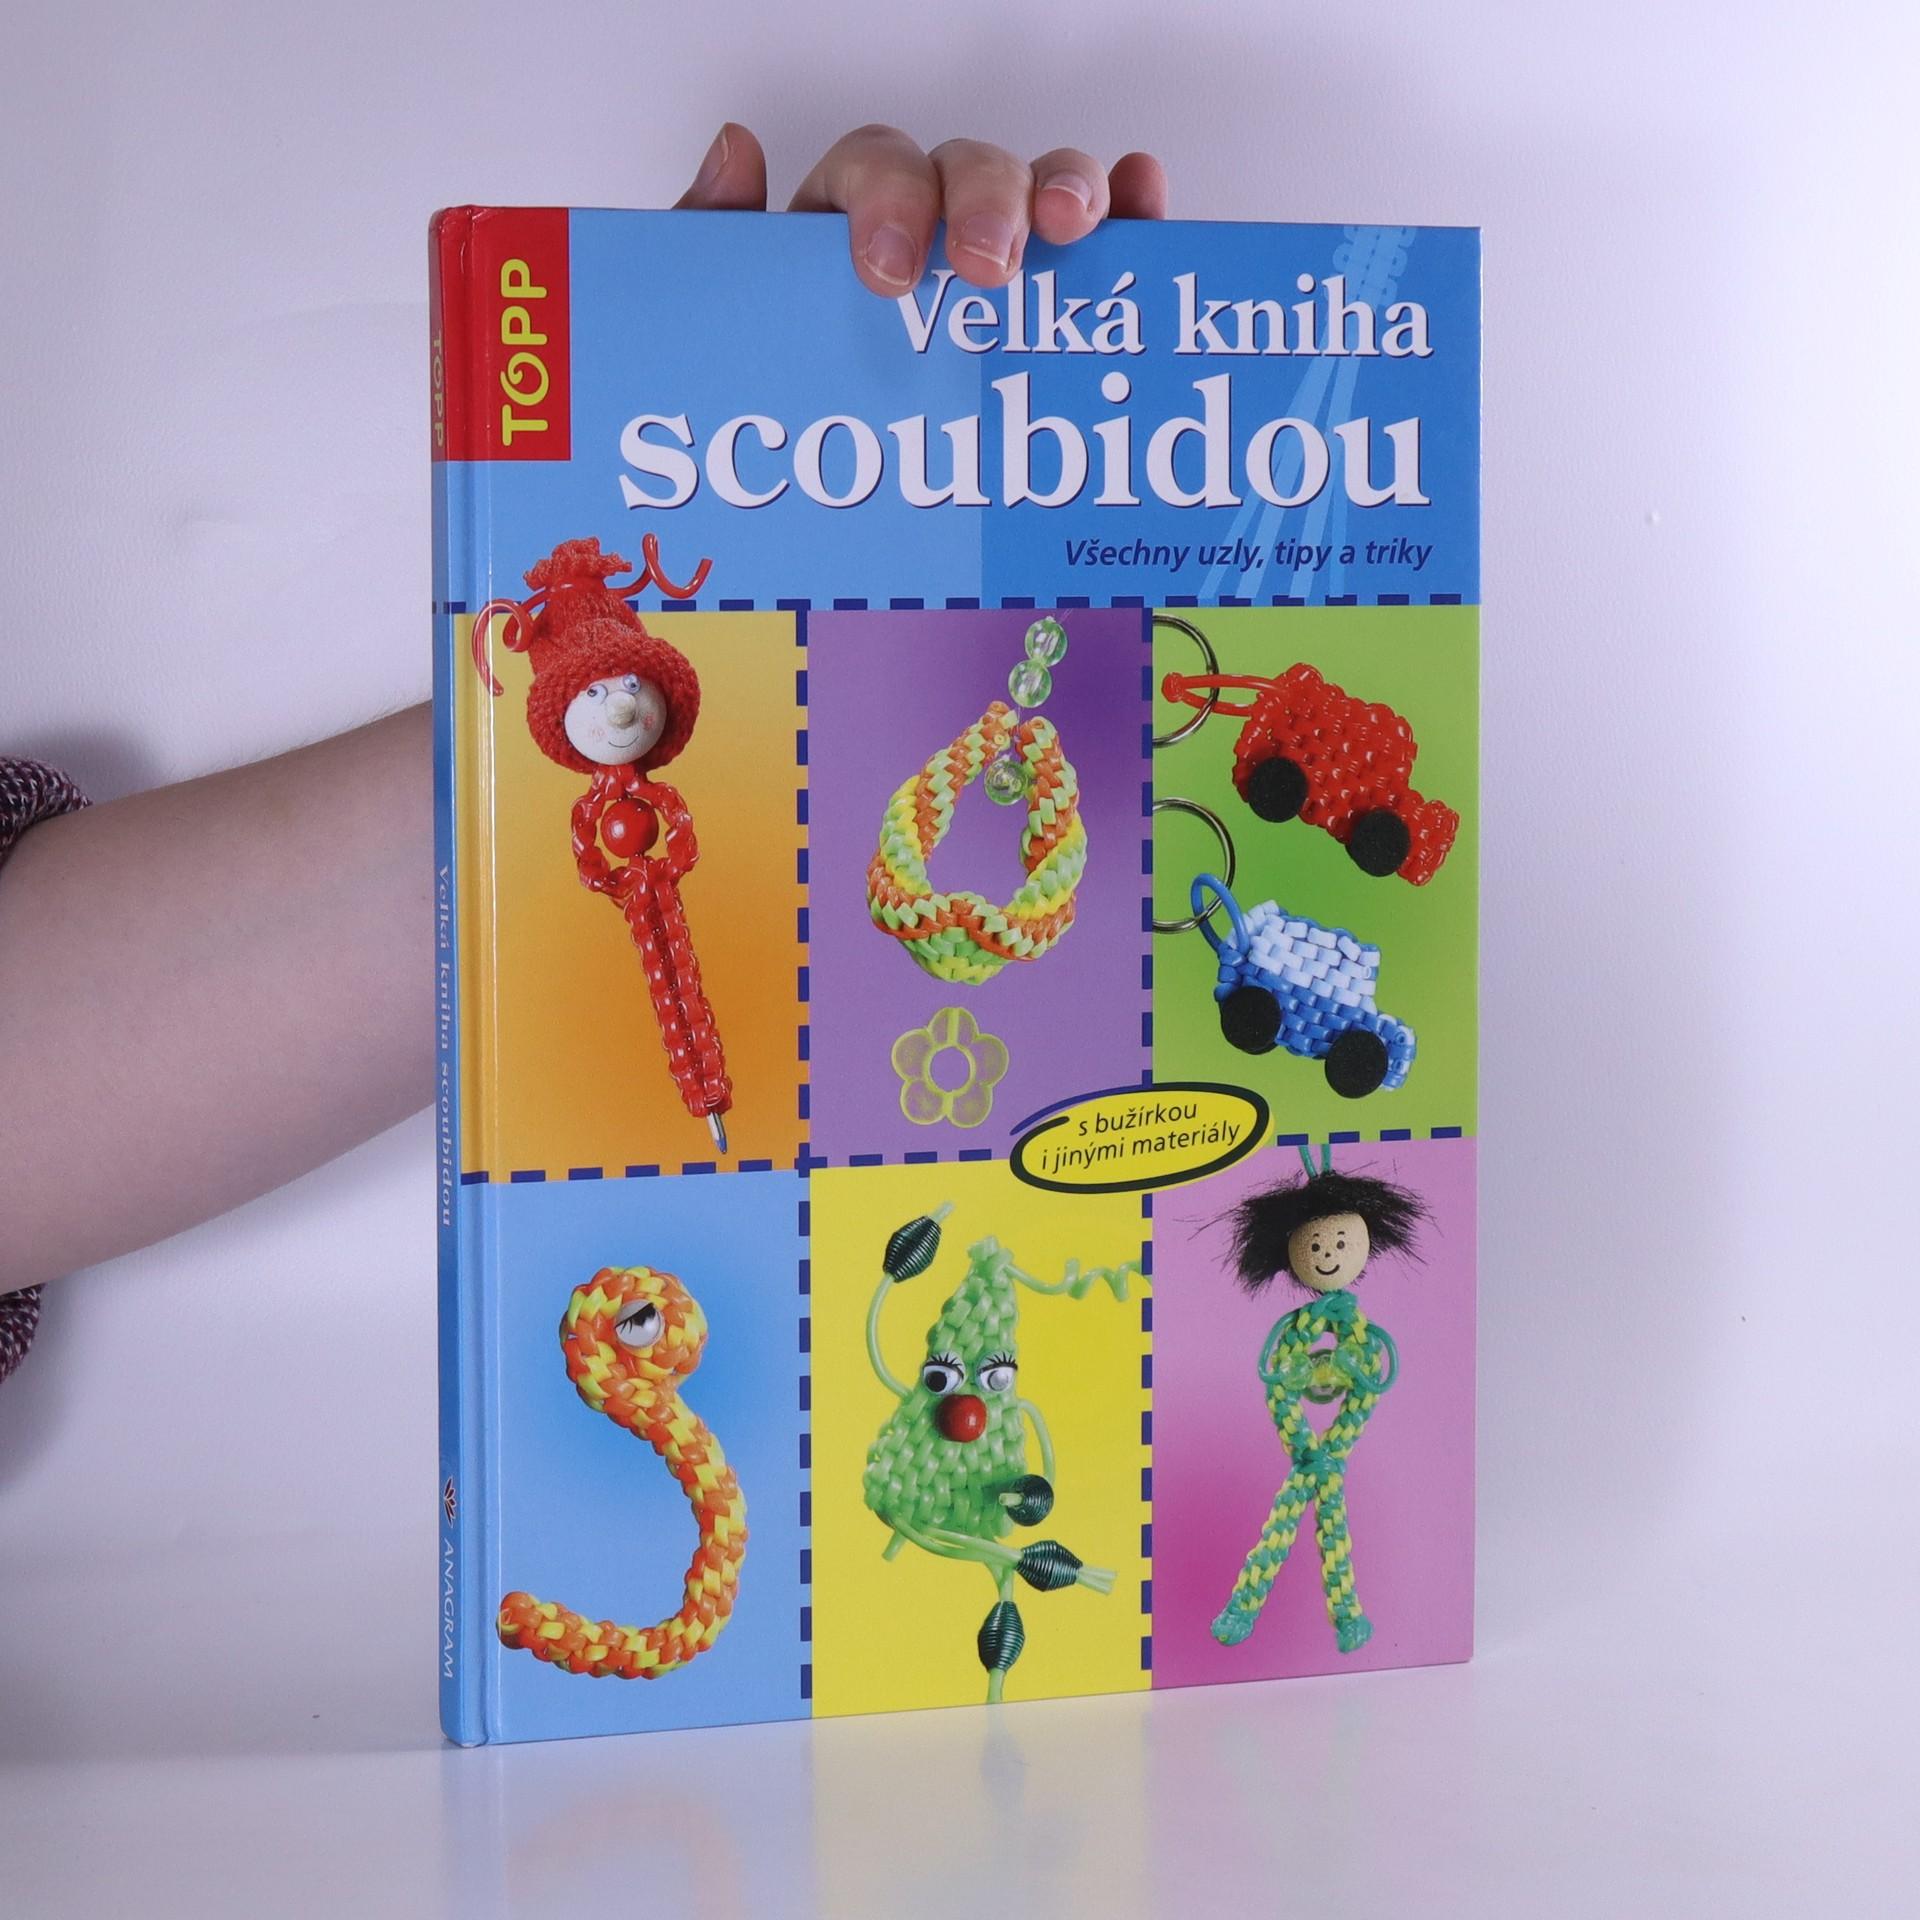 antikvární kniha Velká kniha scoubidou : všechny uzly, tipy a triky, 2005